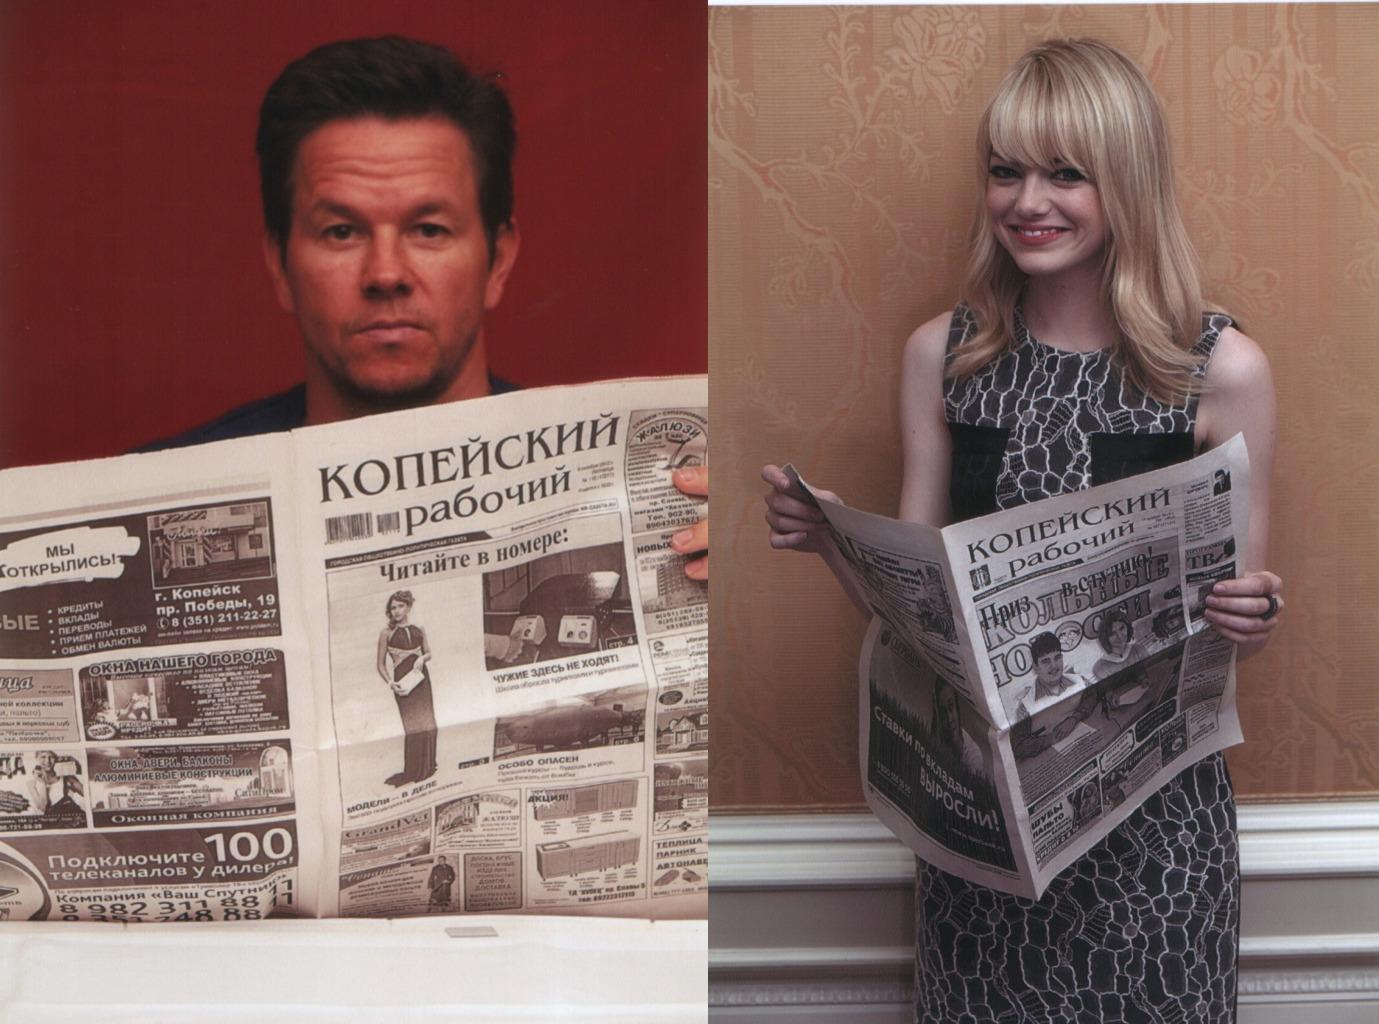 Марк Уолберг и Эмма Стоун     Новый дизайн газеты    В конце сентября 2016